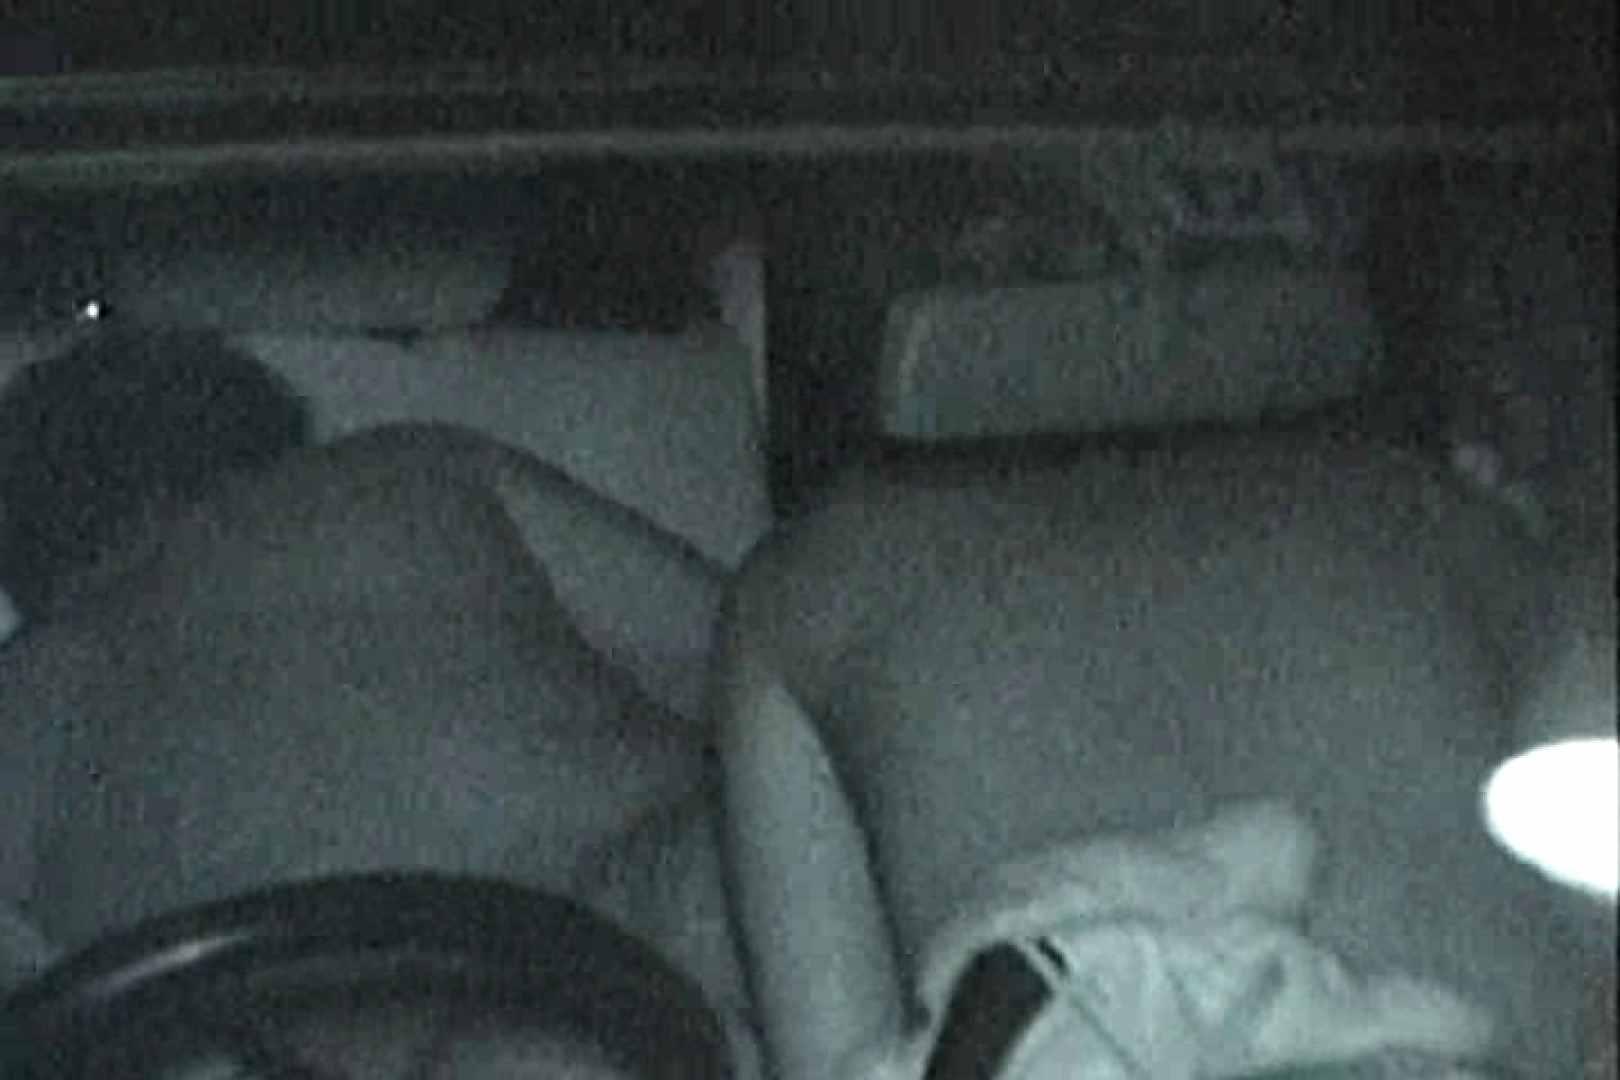 充血監督の深夜の運動会Vol.18 車中はめどり えろ無修正画像 79画像 24